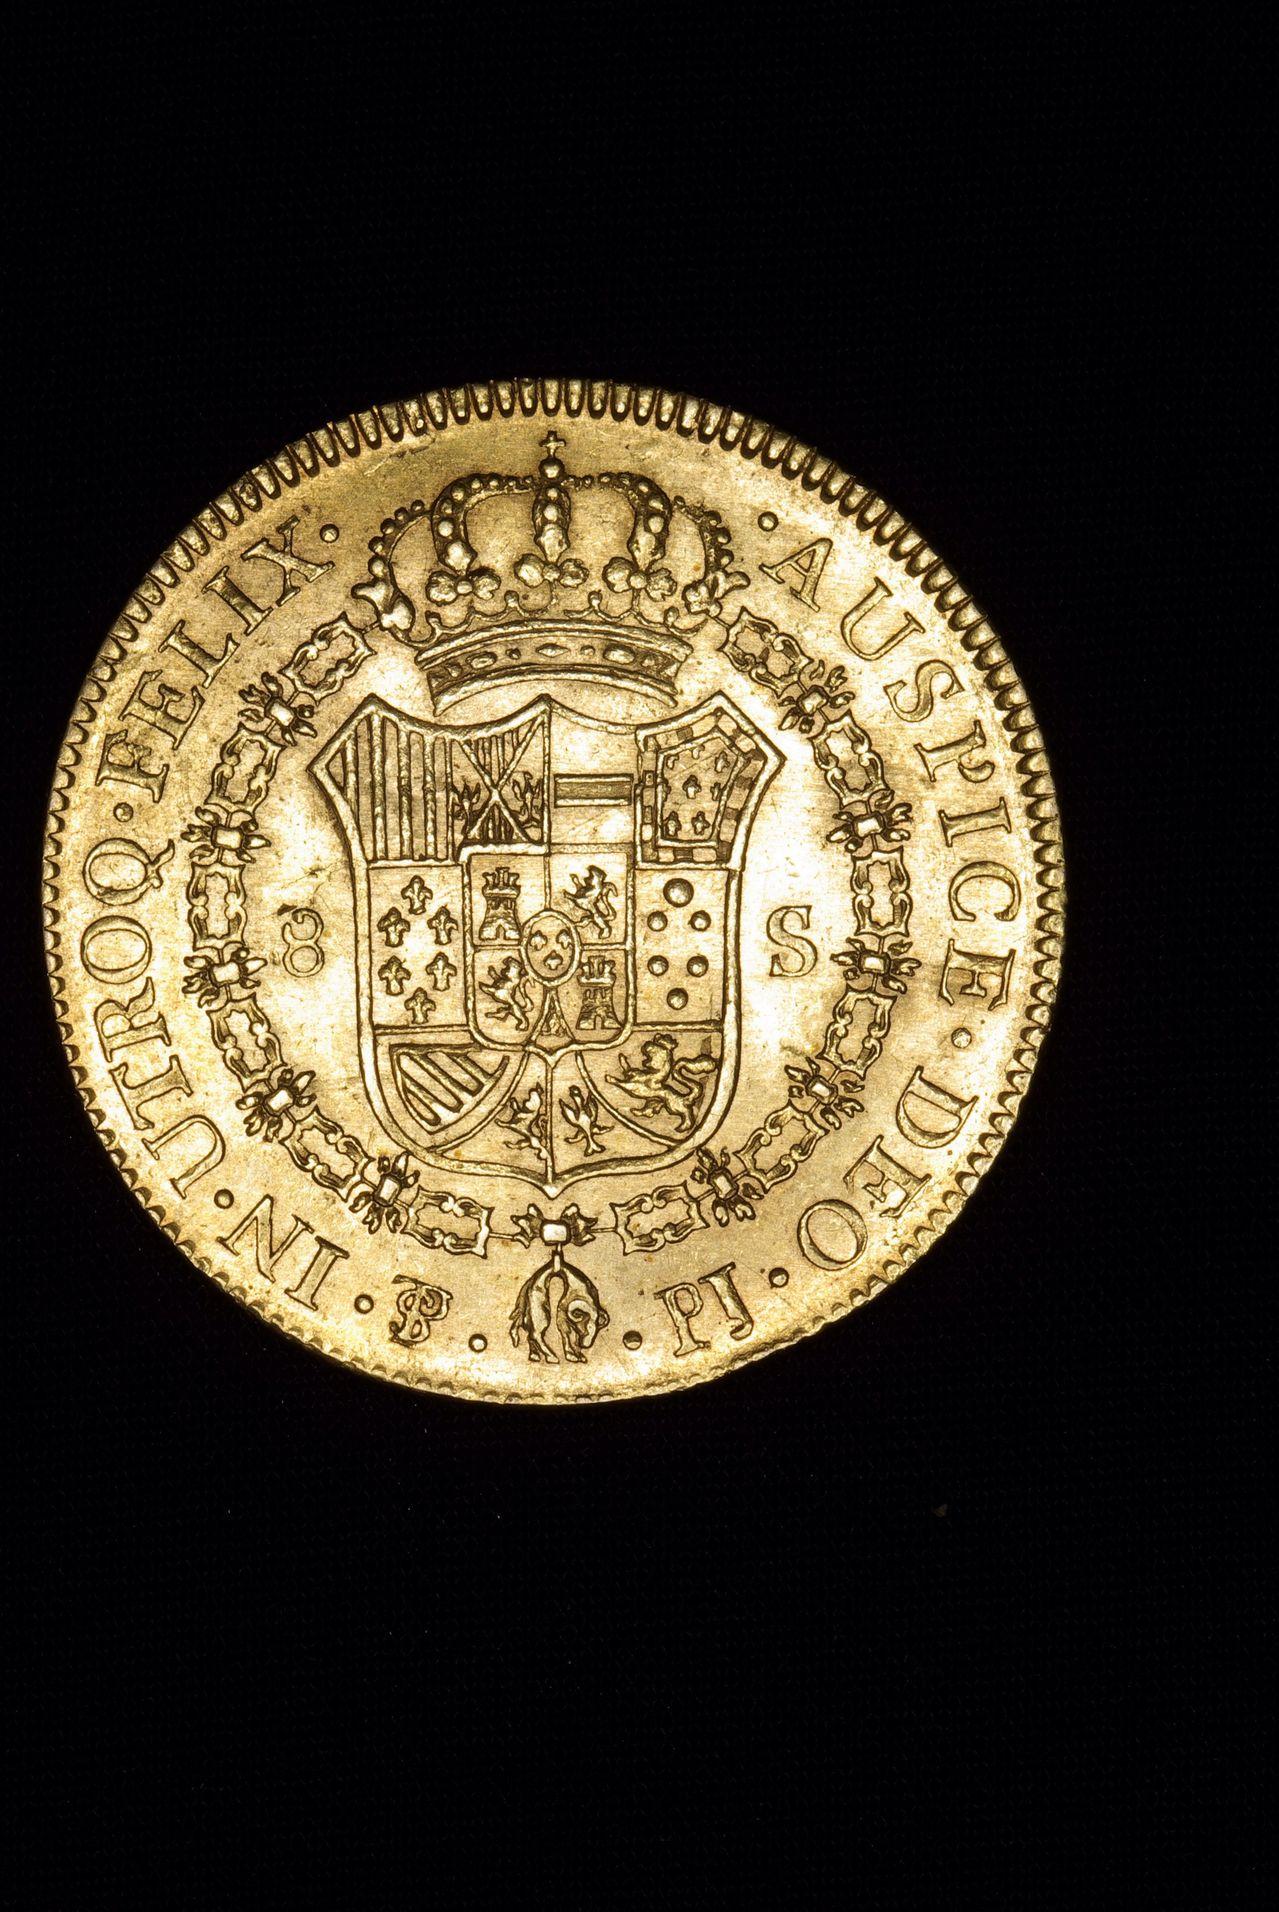 8 escudos 1805 Carlos IV - Potosí  Image